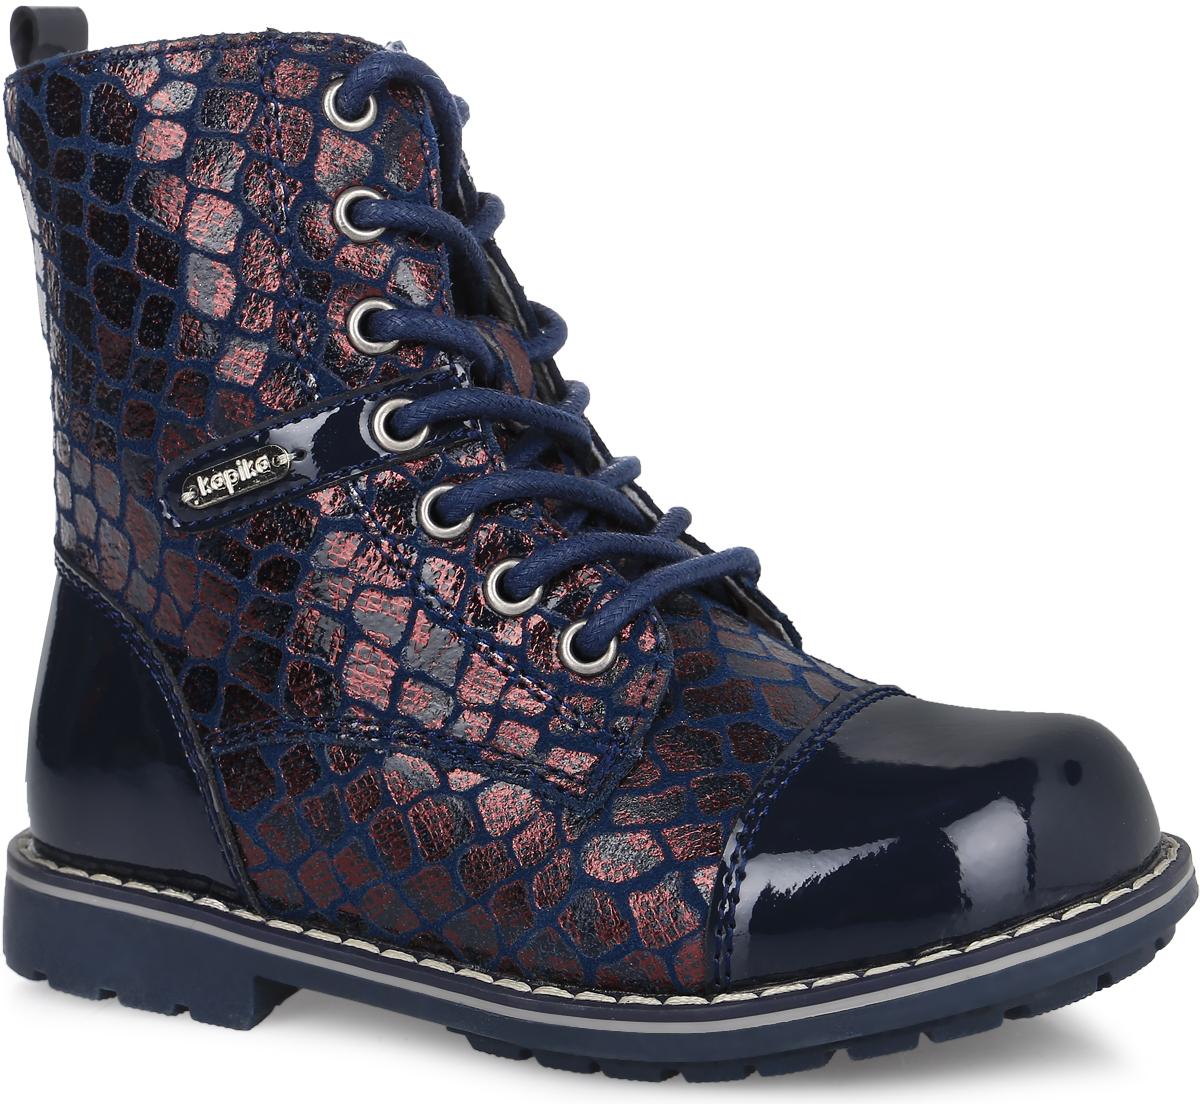 52233ук-1Стильные ботинки от фирмы Kapika покорят вашу девочку. Модель на классической шнуровке, боковая сторона дополнена молнией, что позволит надежно зафиксировать изделие на ноге. Обувь выполнена из натурального лака и искусственной кожи, оформленной под рептилию. Внутренняя поверхность и стелька изготовлены из шерсти со вставками из натуральной кожи, сохраняющих тепло и создающих комфорт. Подошва с протектором гарантирует отличное сцепление с любой поверхностью. Модные и удобные ботинки - незаменимая вещь в гардеробе девочки.